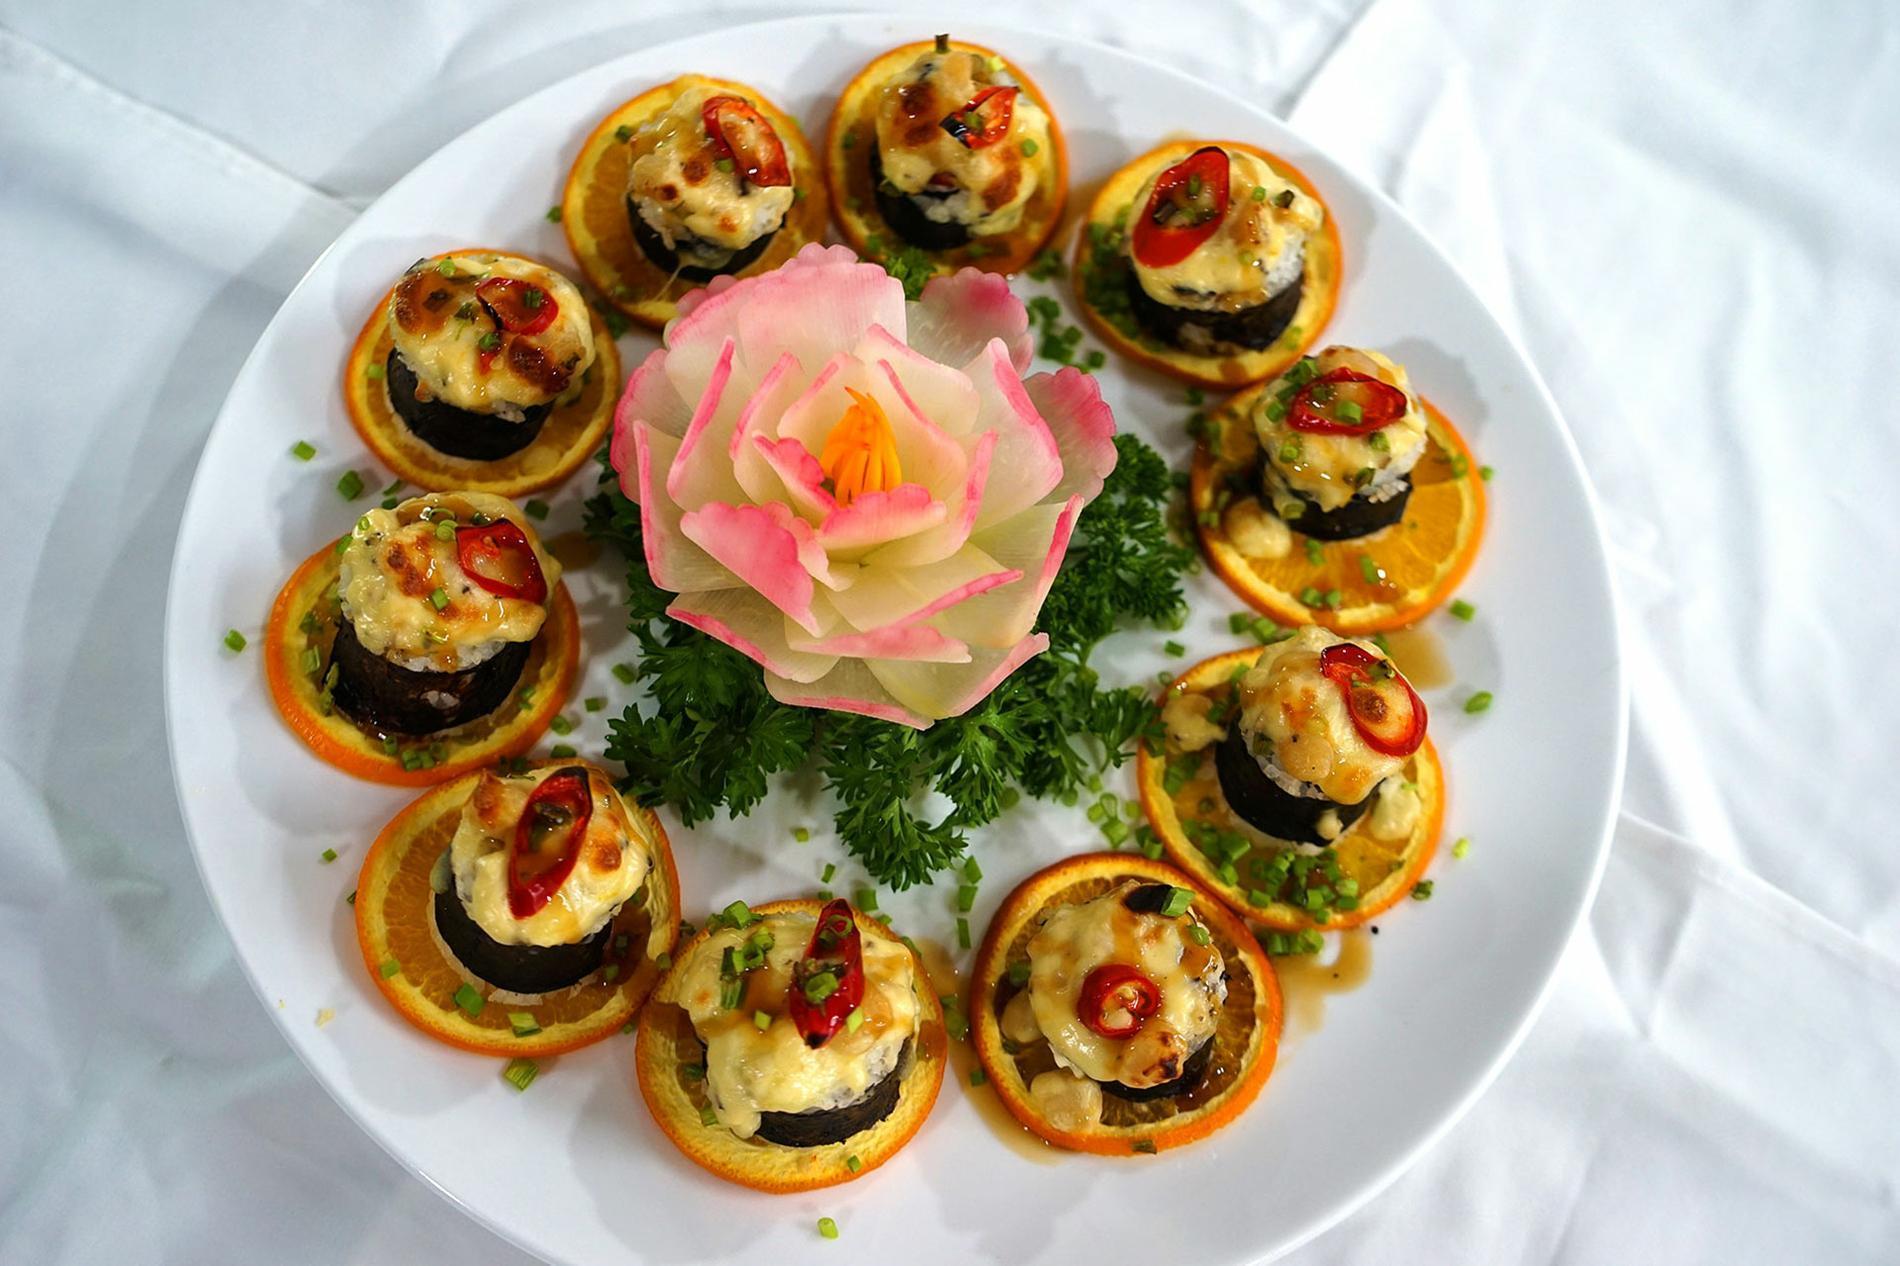 Thực phẩm không nên thêm vào thực đơn khi đặt tiệc lưu động quận 12 mùa hè